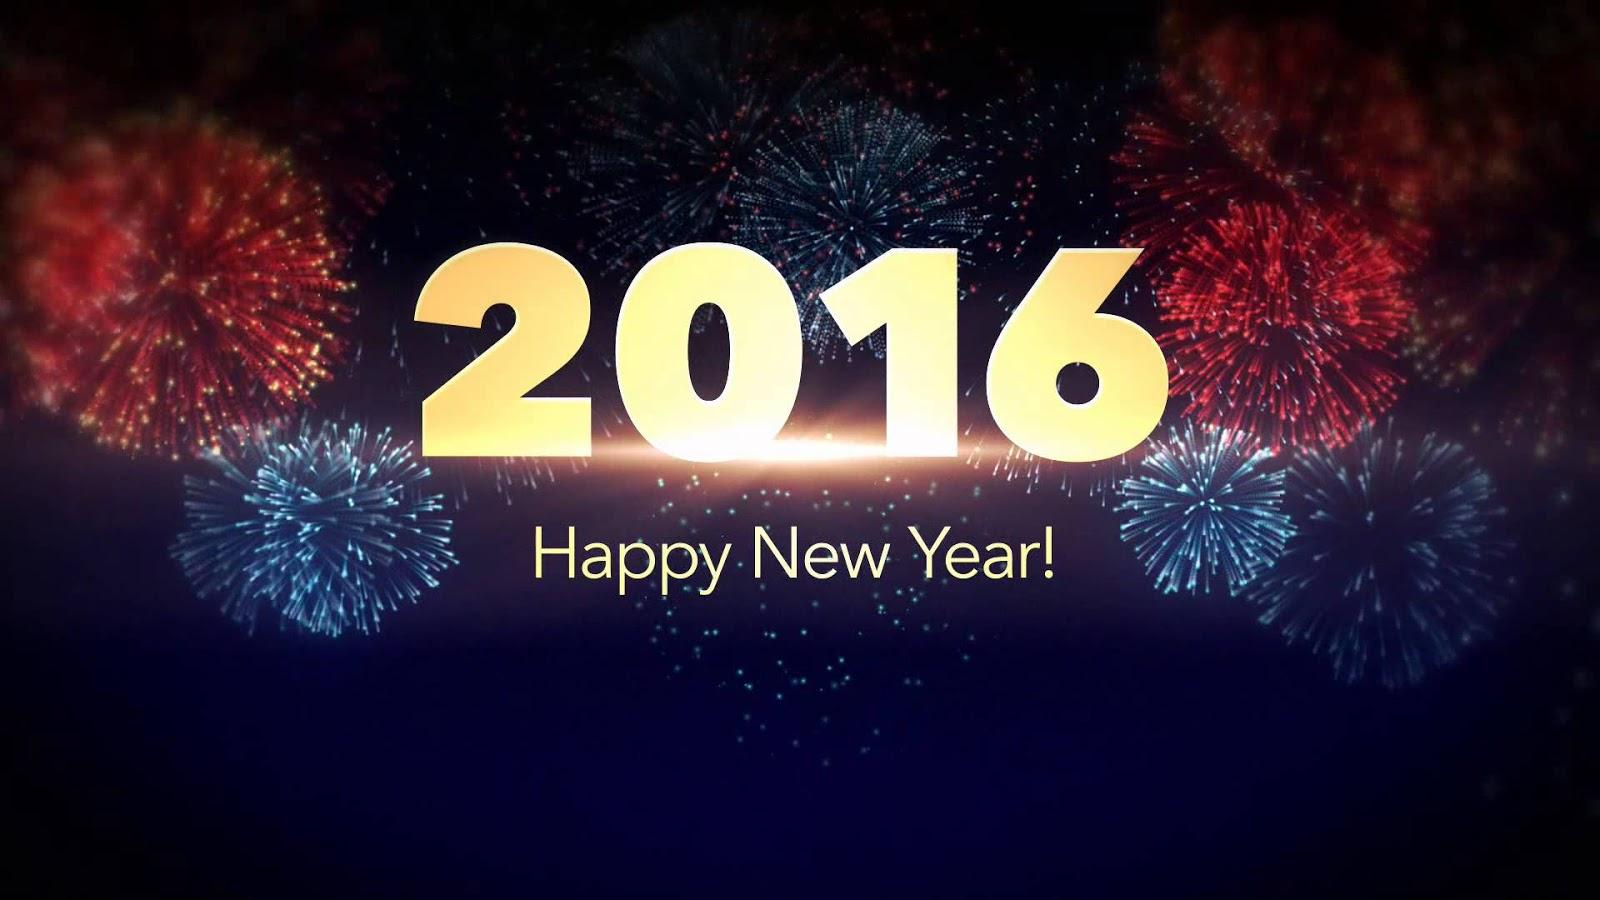 2016 Fireworks Decoration By Blogging Crave